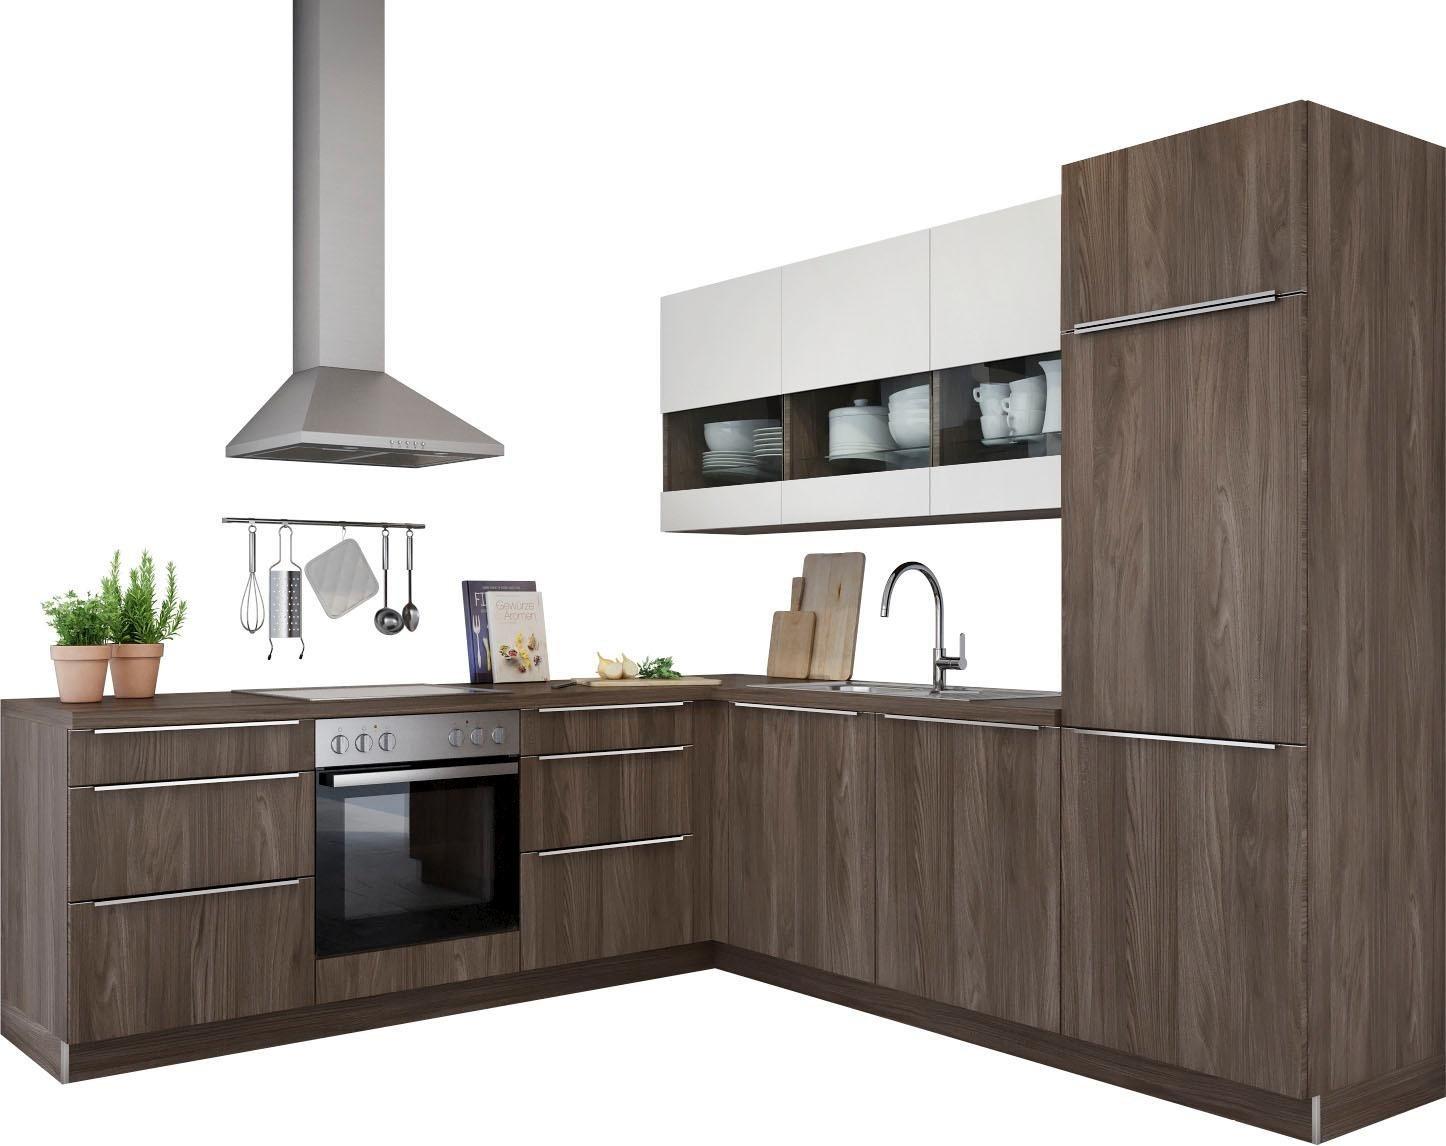 hochglanz-nussbaum Winkelküchen online kaufen | Möbel-Suchmaschine ...